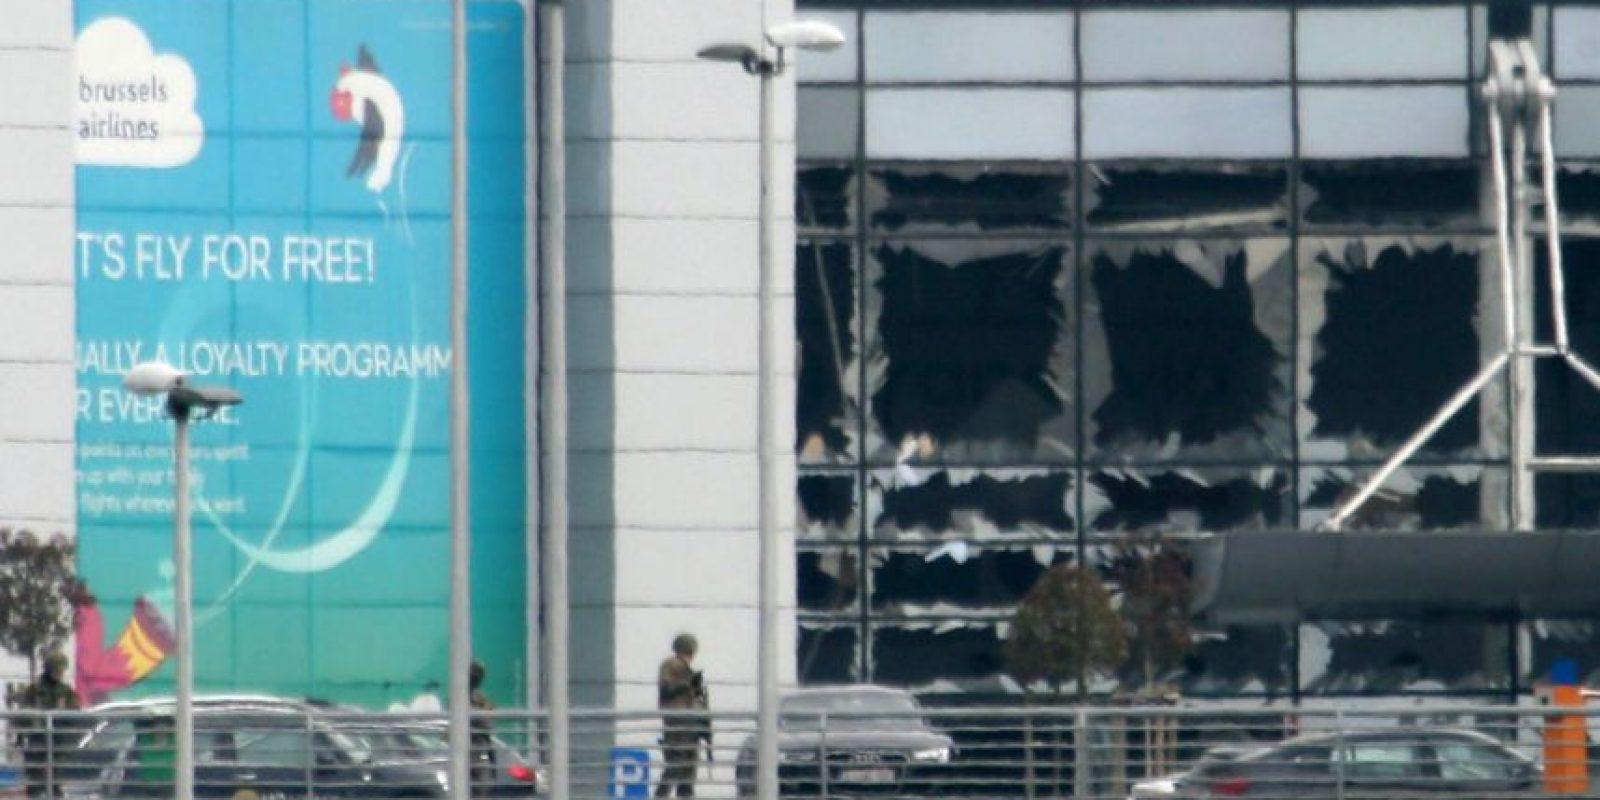 El 22 de marzo hubo un terrible atentado en el aeropuerto y metro de Bruselas. Foto:Getty Images. Imagen Por: